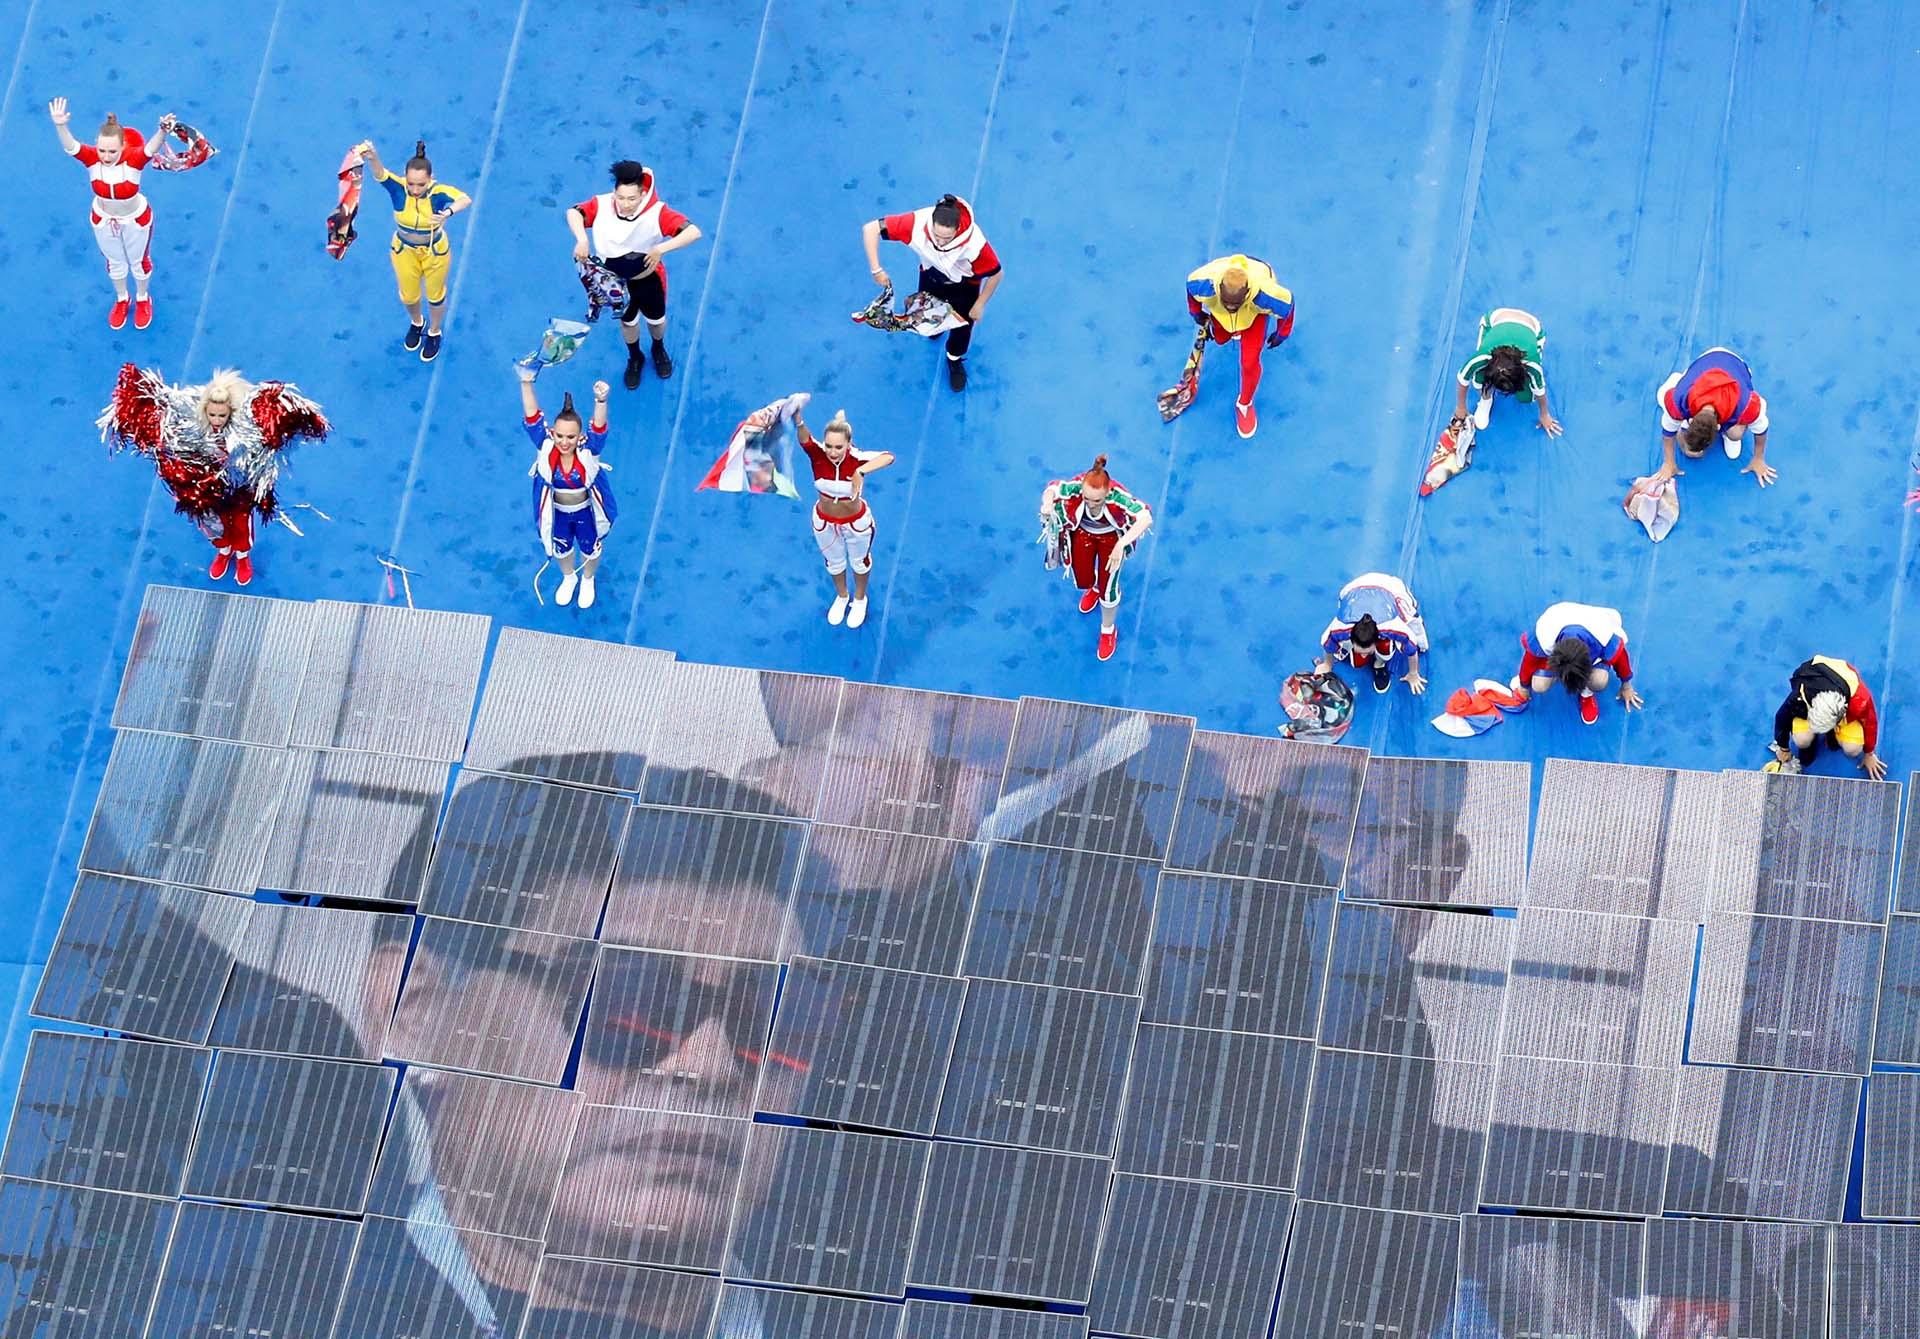 maradona, una de las imágenes icónicas del Mundial